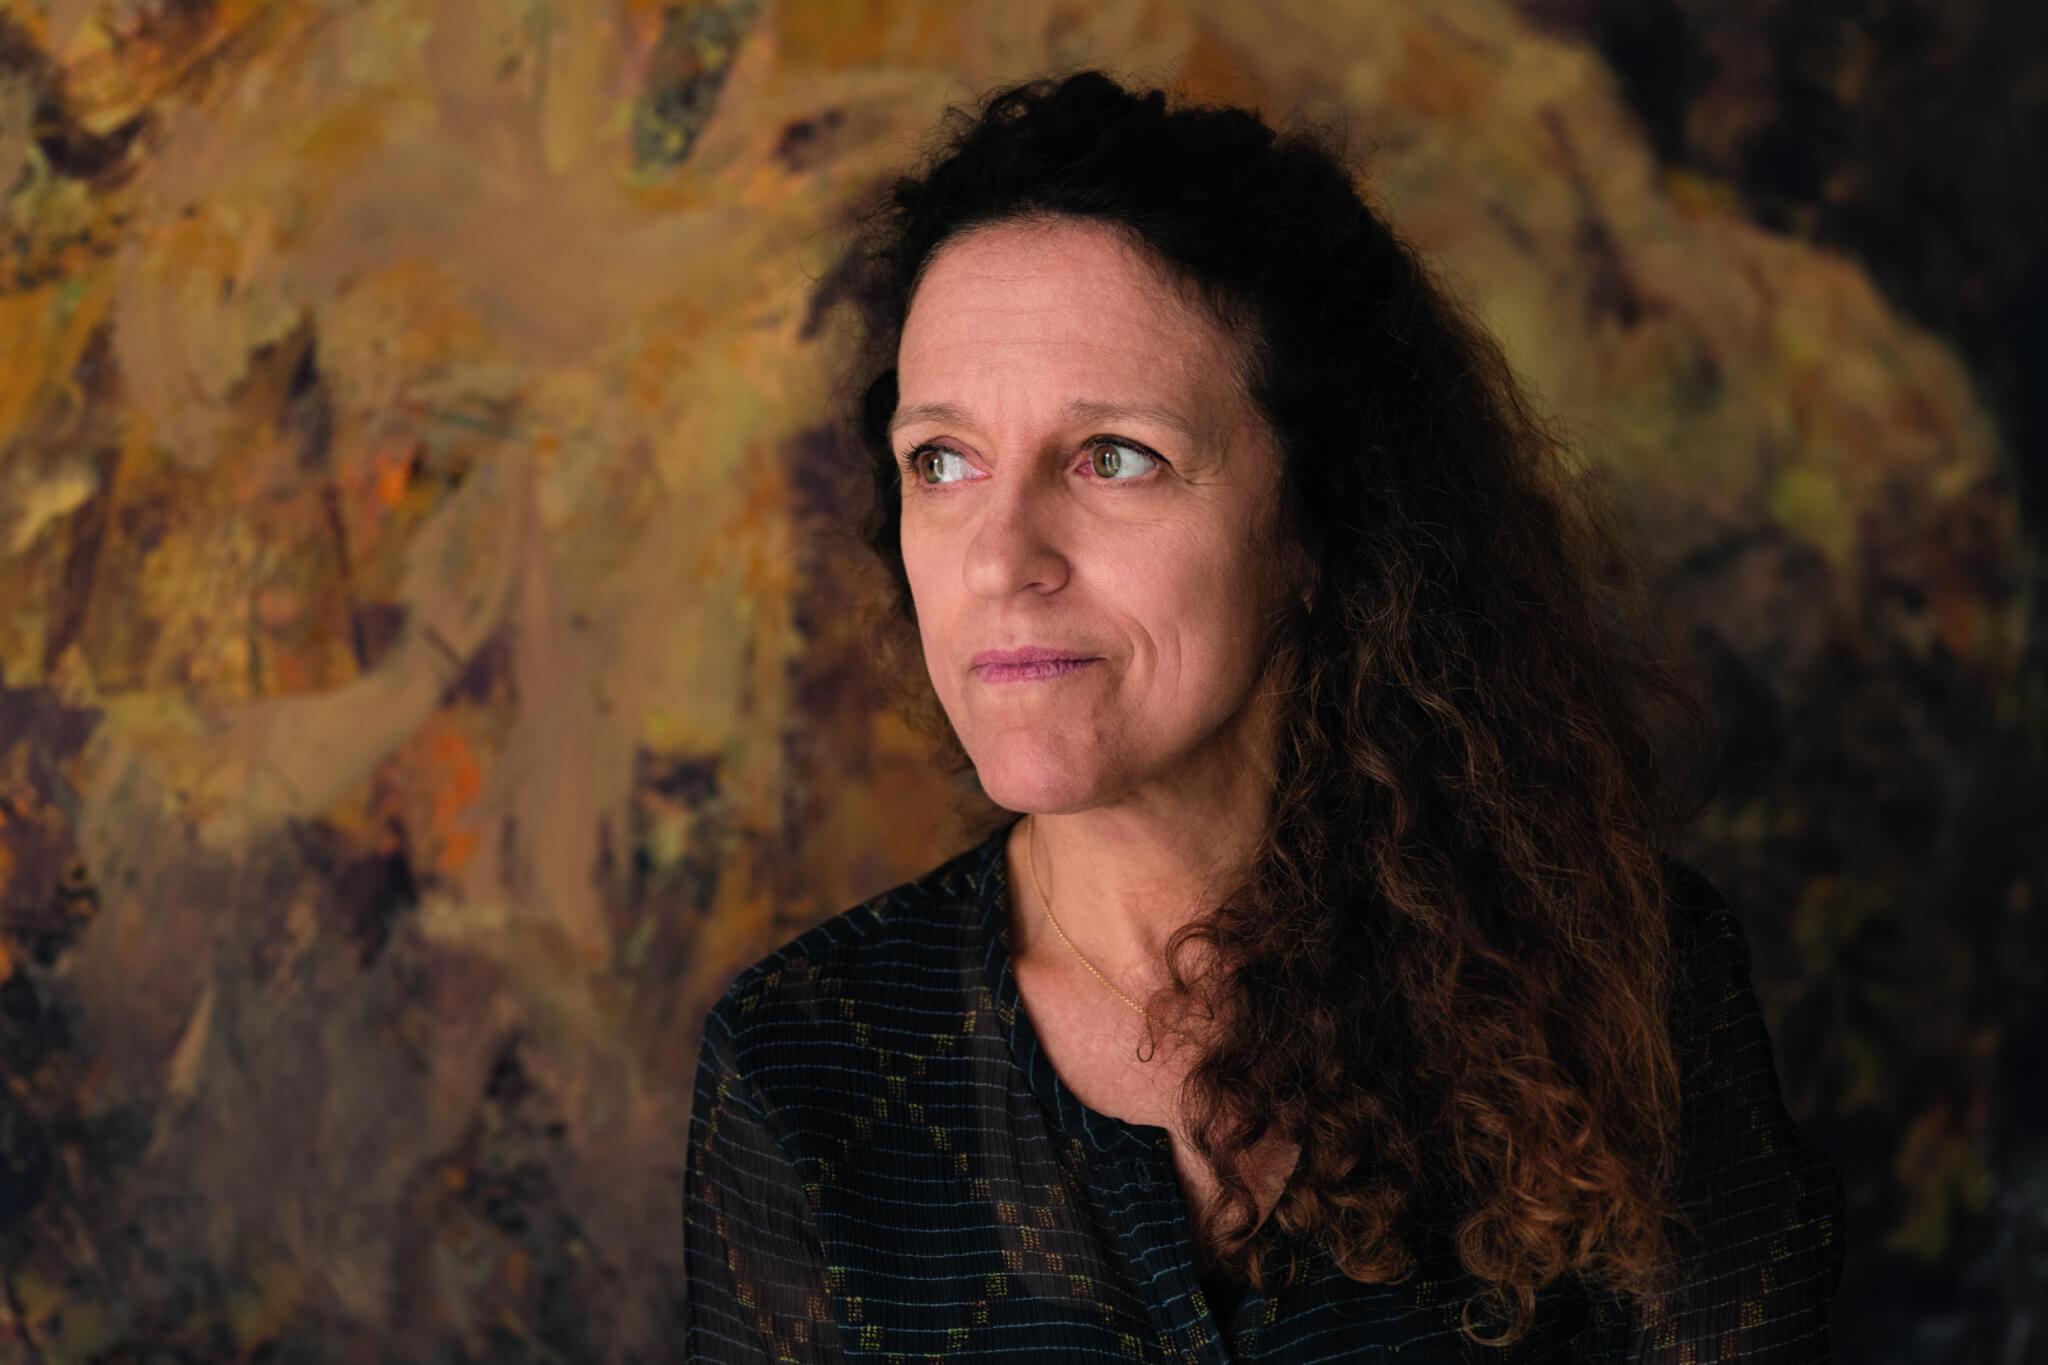 Anita Porchet以琺瑯技藝聞名於世,不少瑞士頂尖品牌都和其合作,把琺瑯錶款推向具收藏價值的藝術尖端境界。